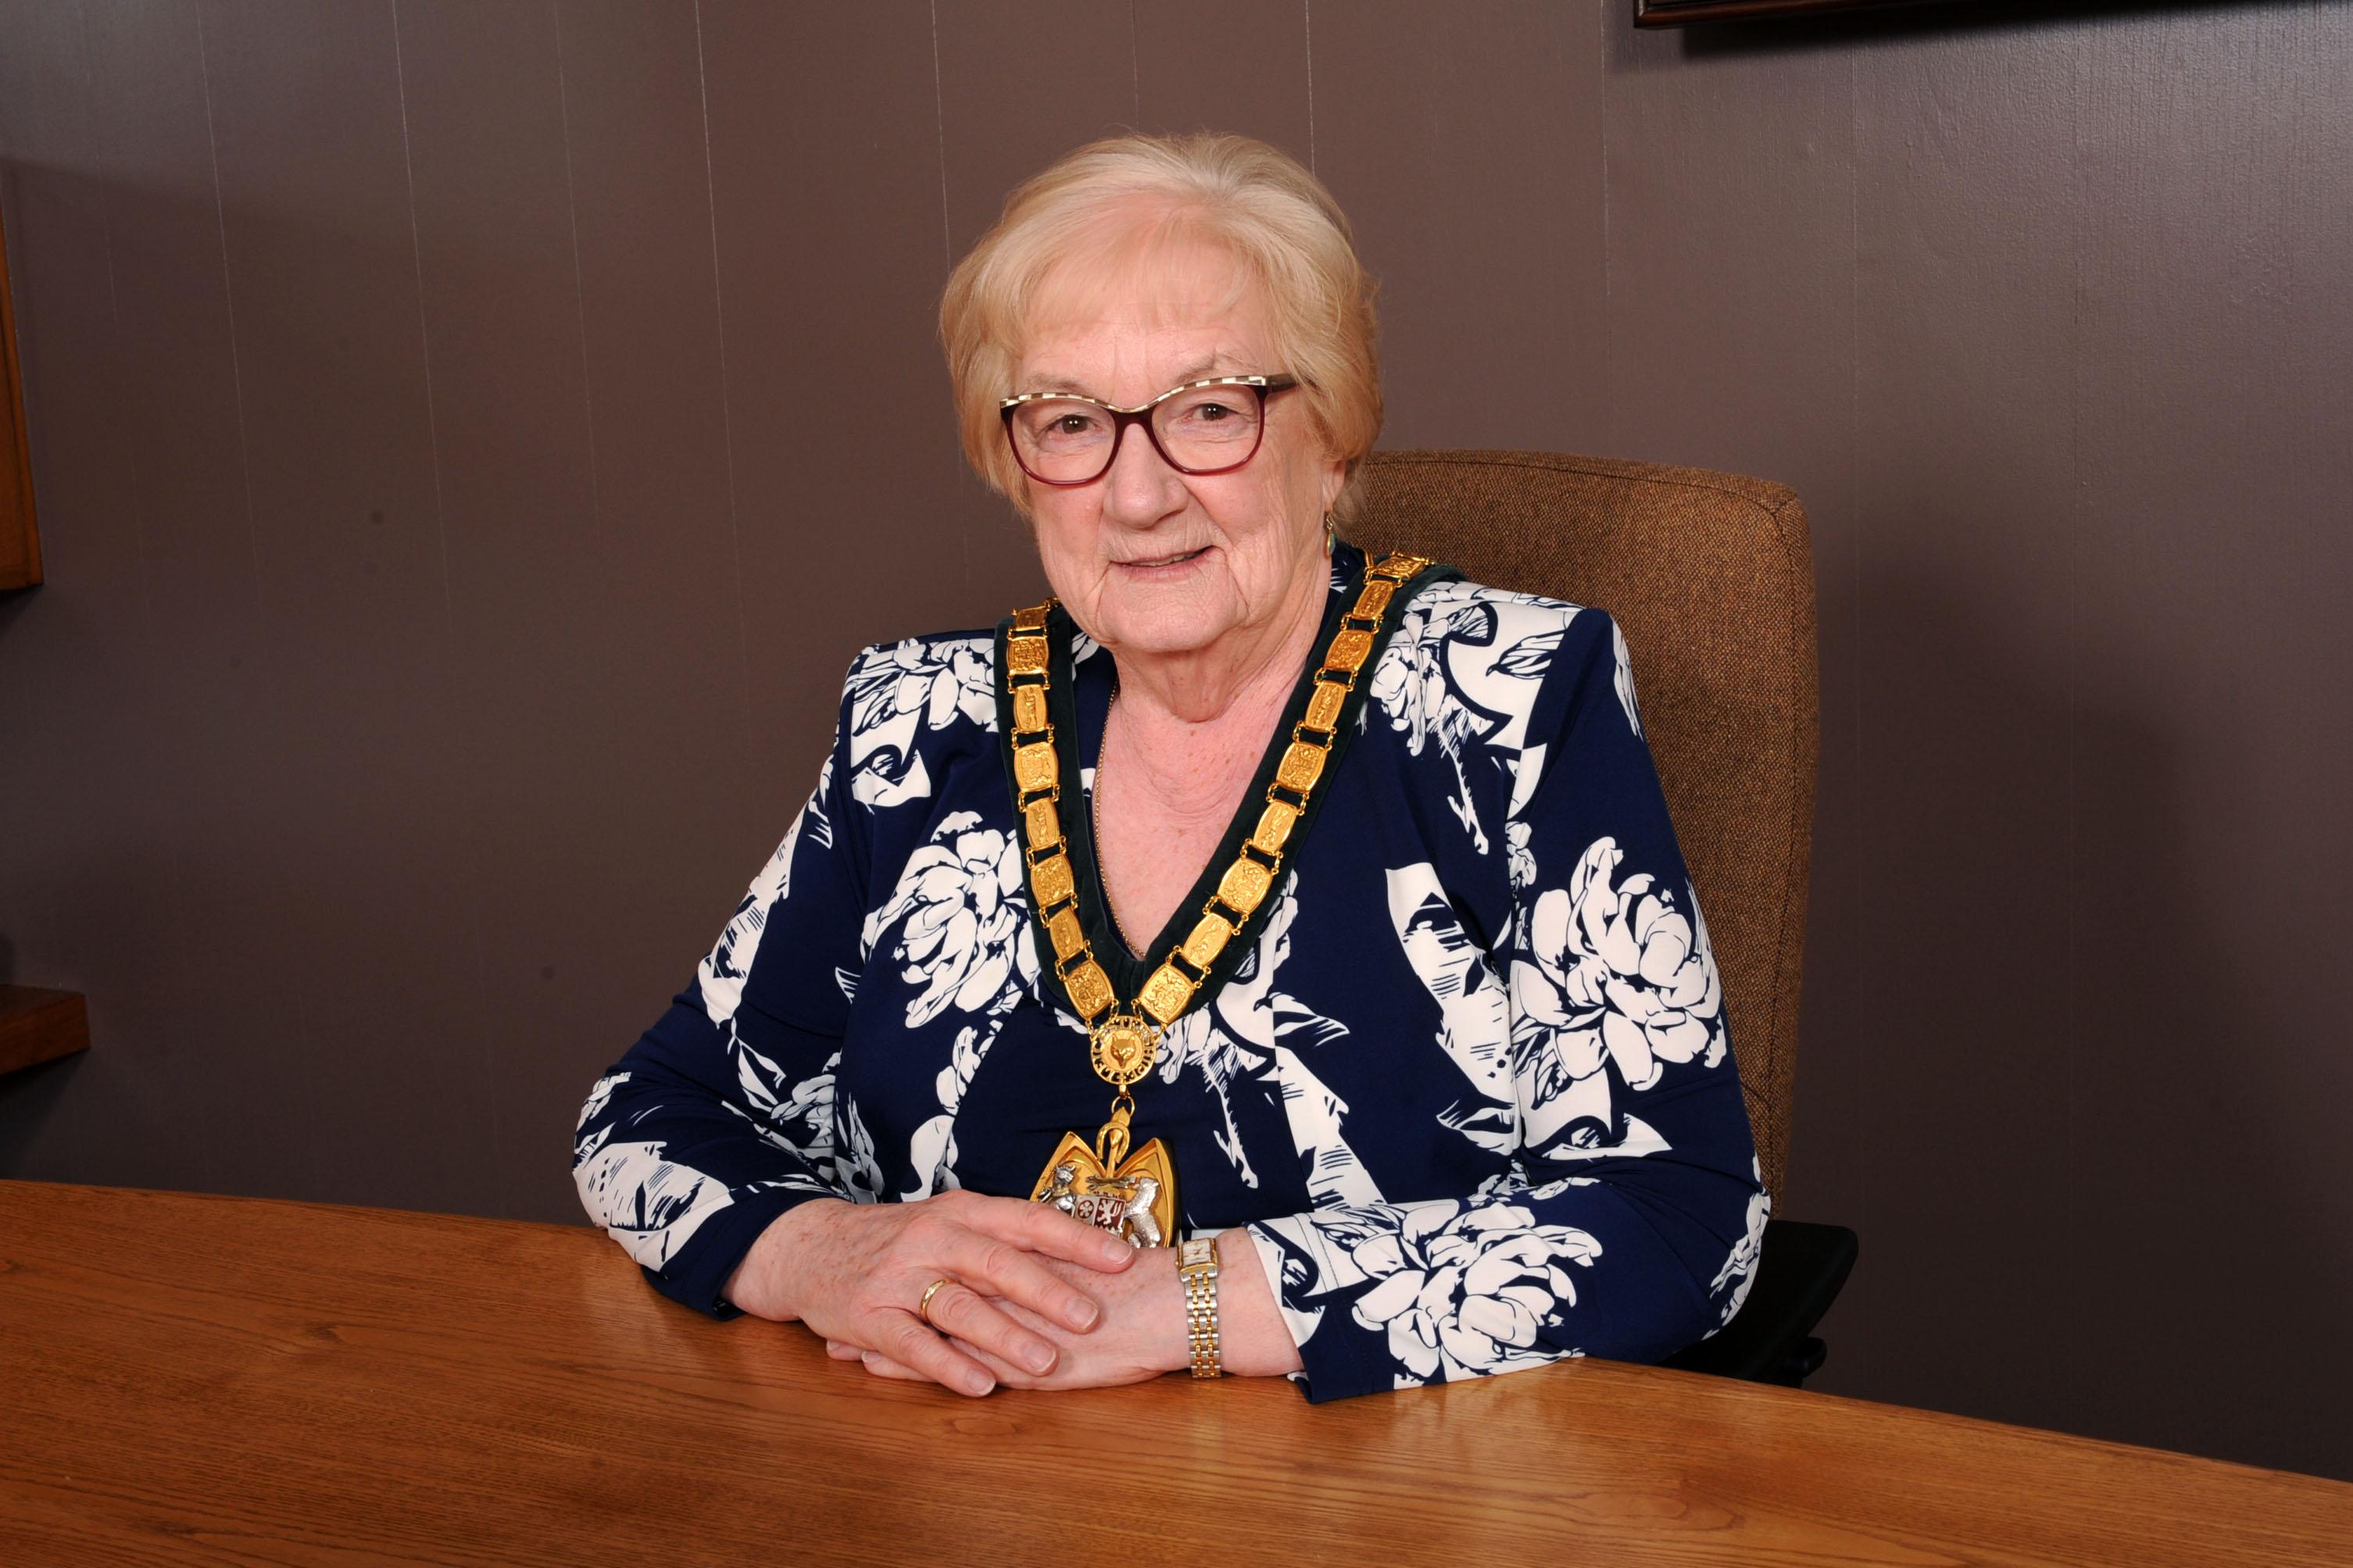 Chairman - Pam Posnett